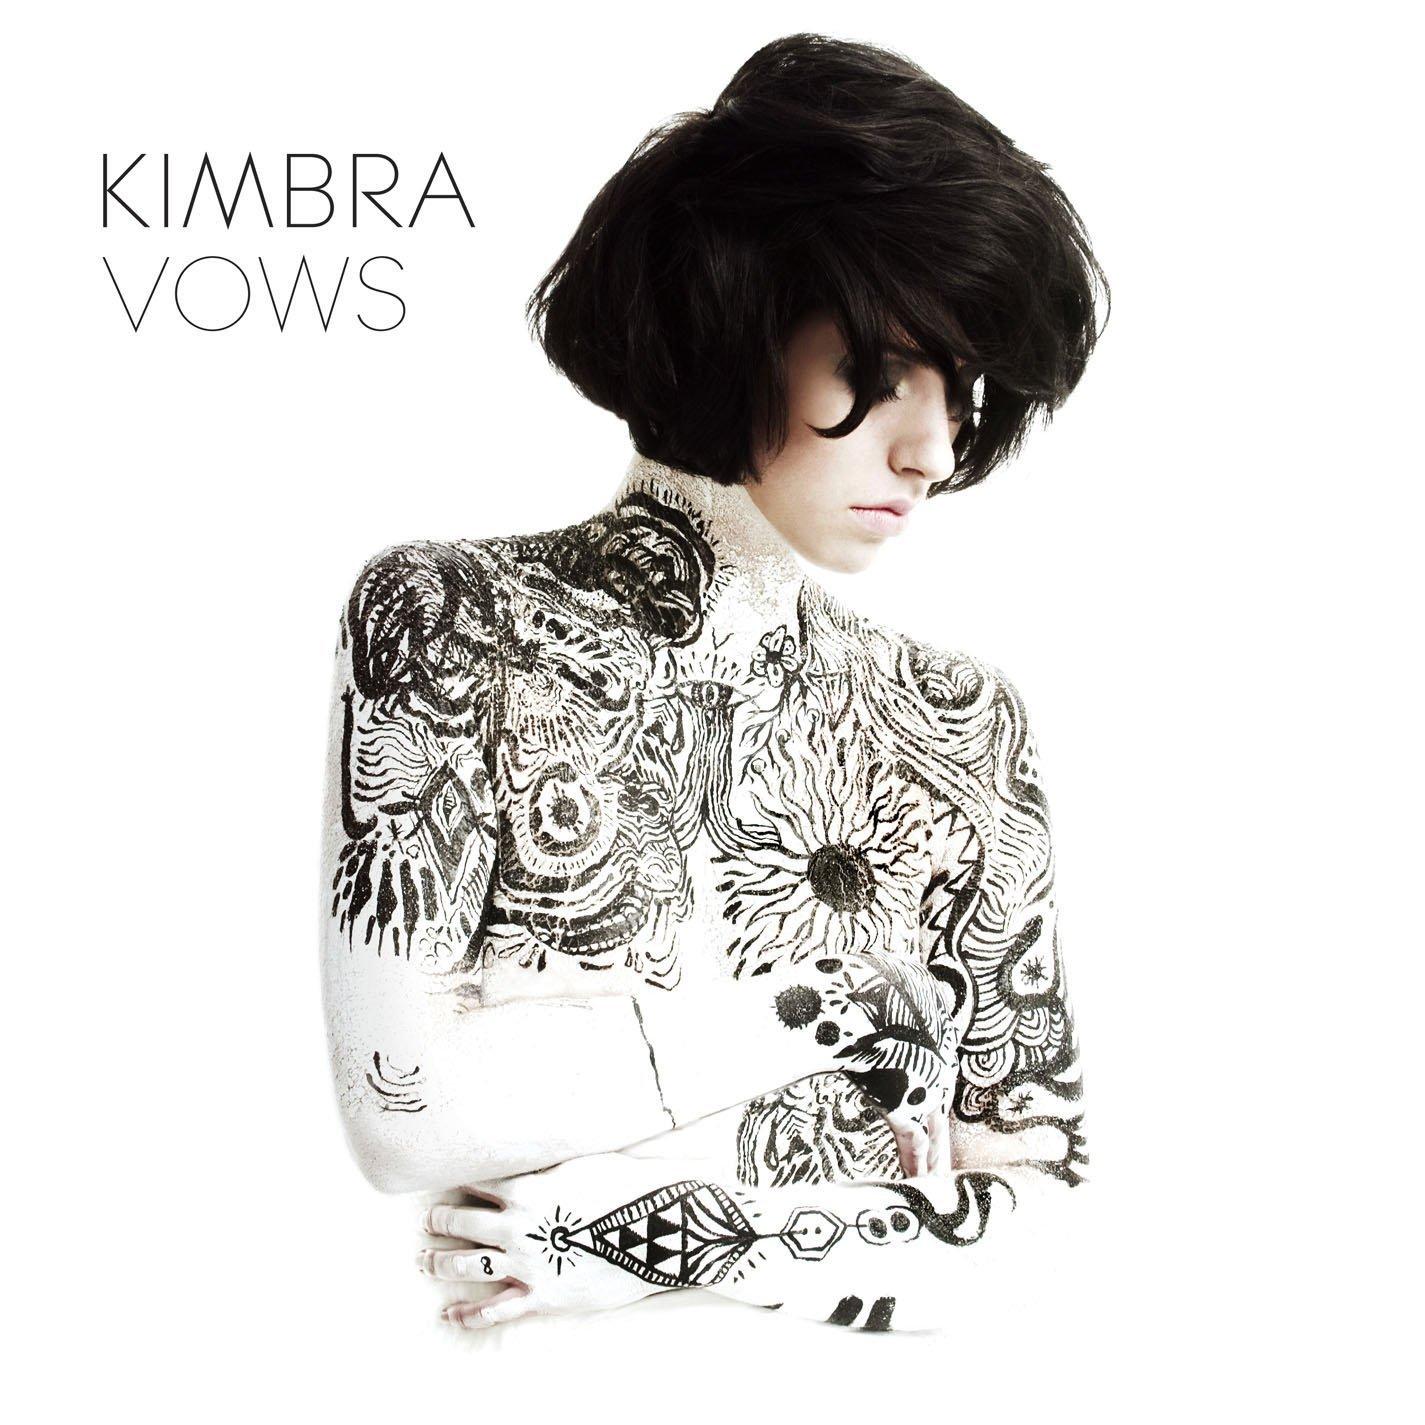 KIMBRA - VOWS (2011)